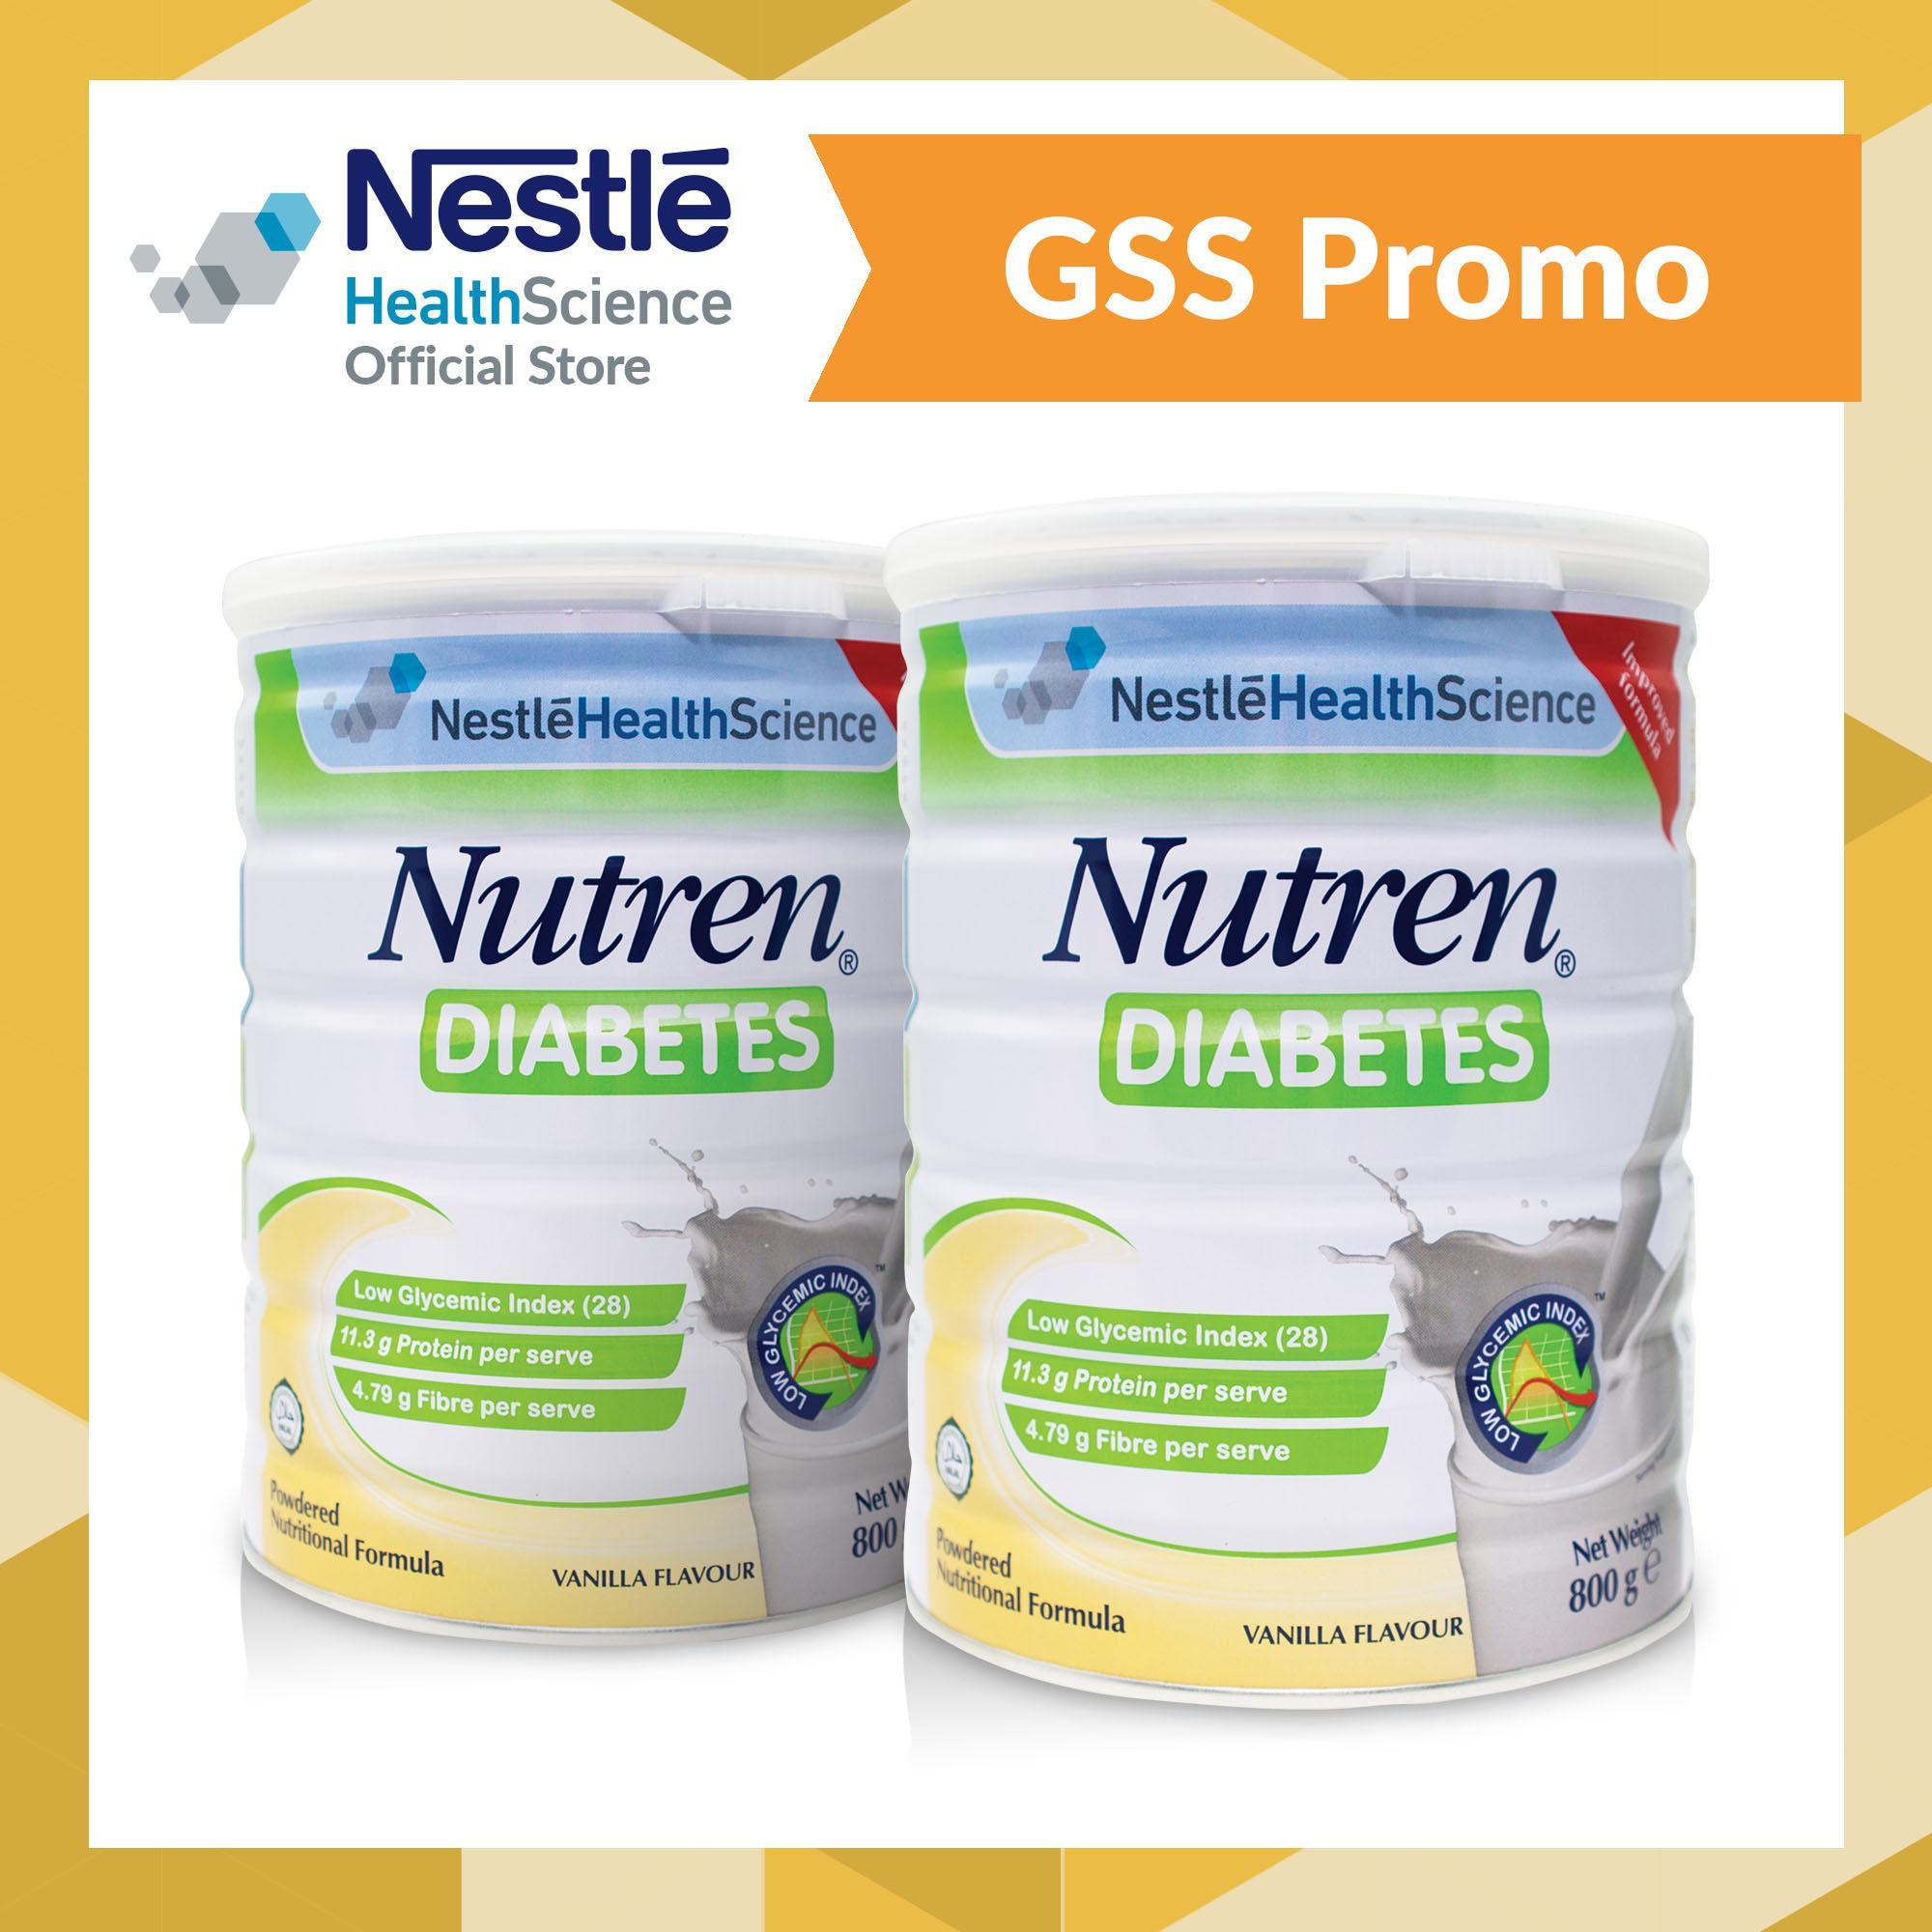 Nutren® Diabetes Powder 800G X 2 On Singapore